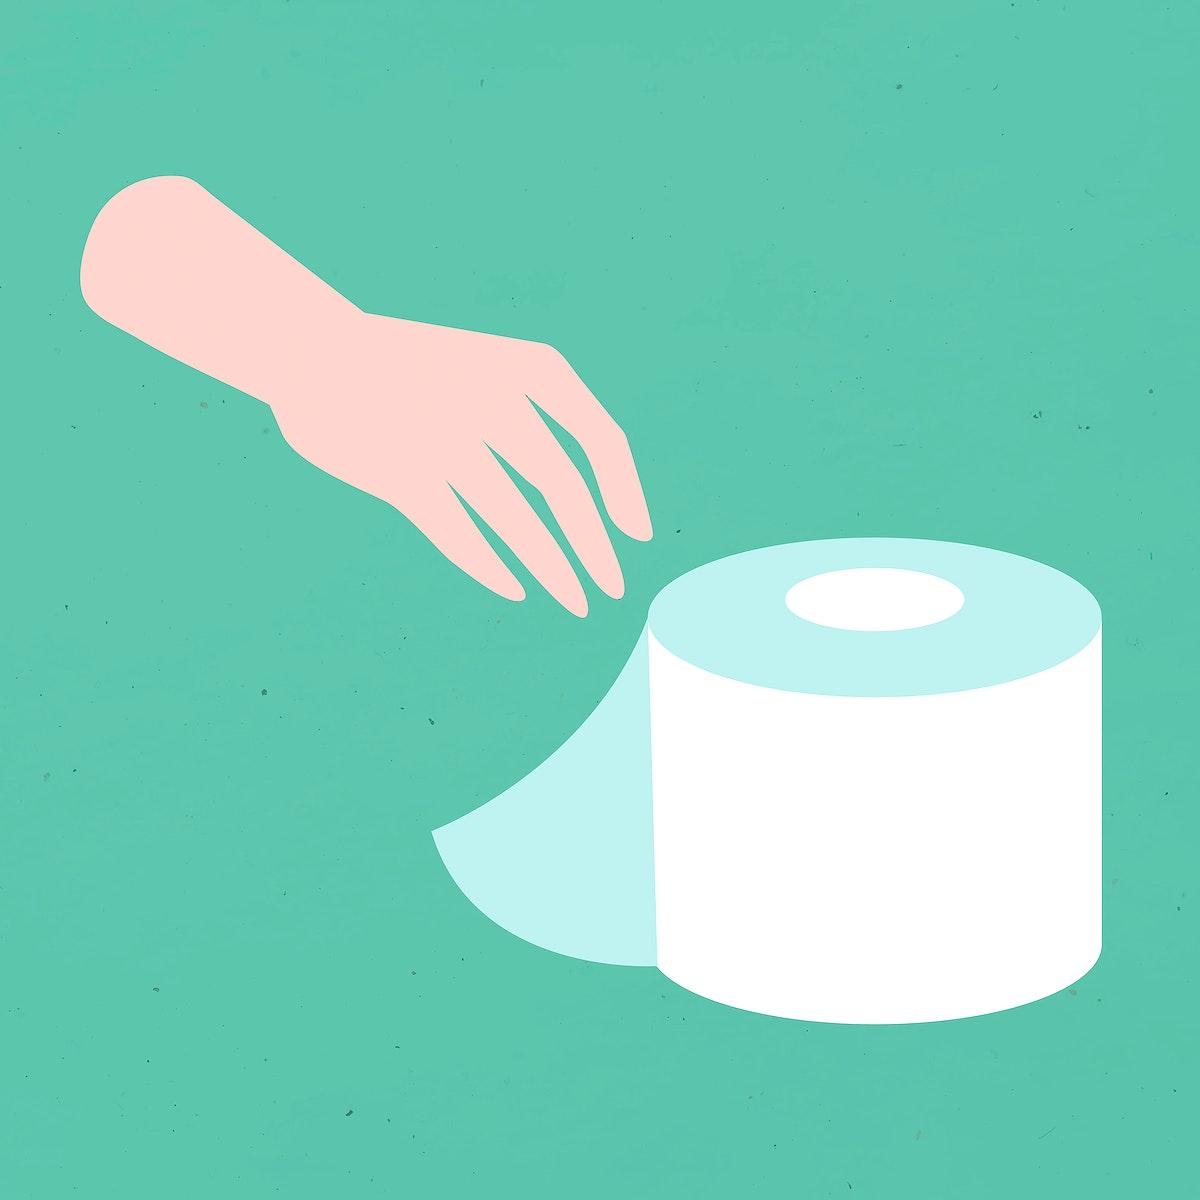 Hand using tissue paper coronavirus prevention vector